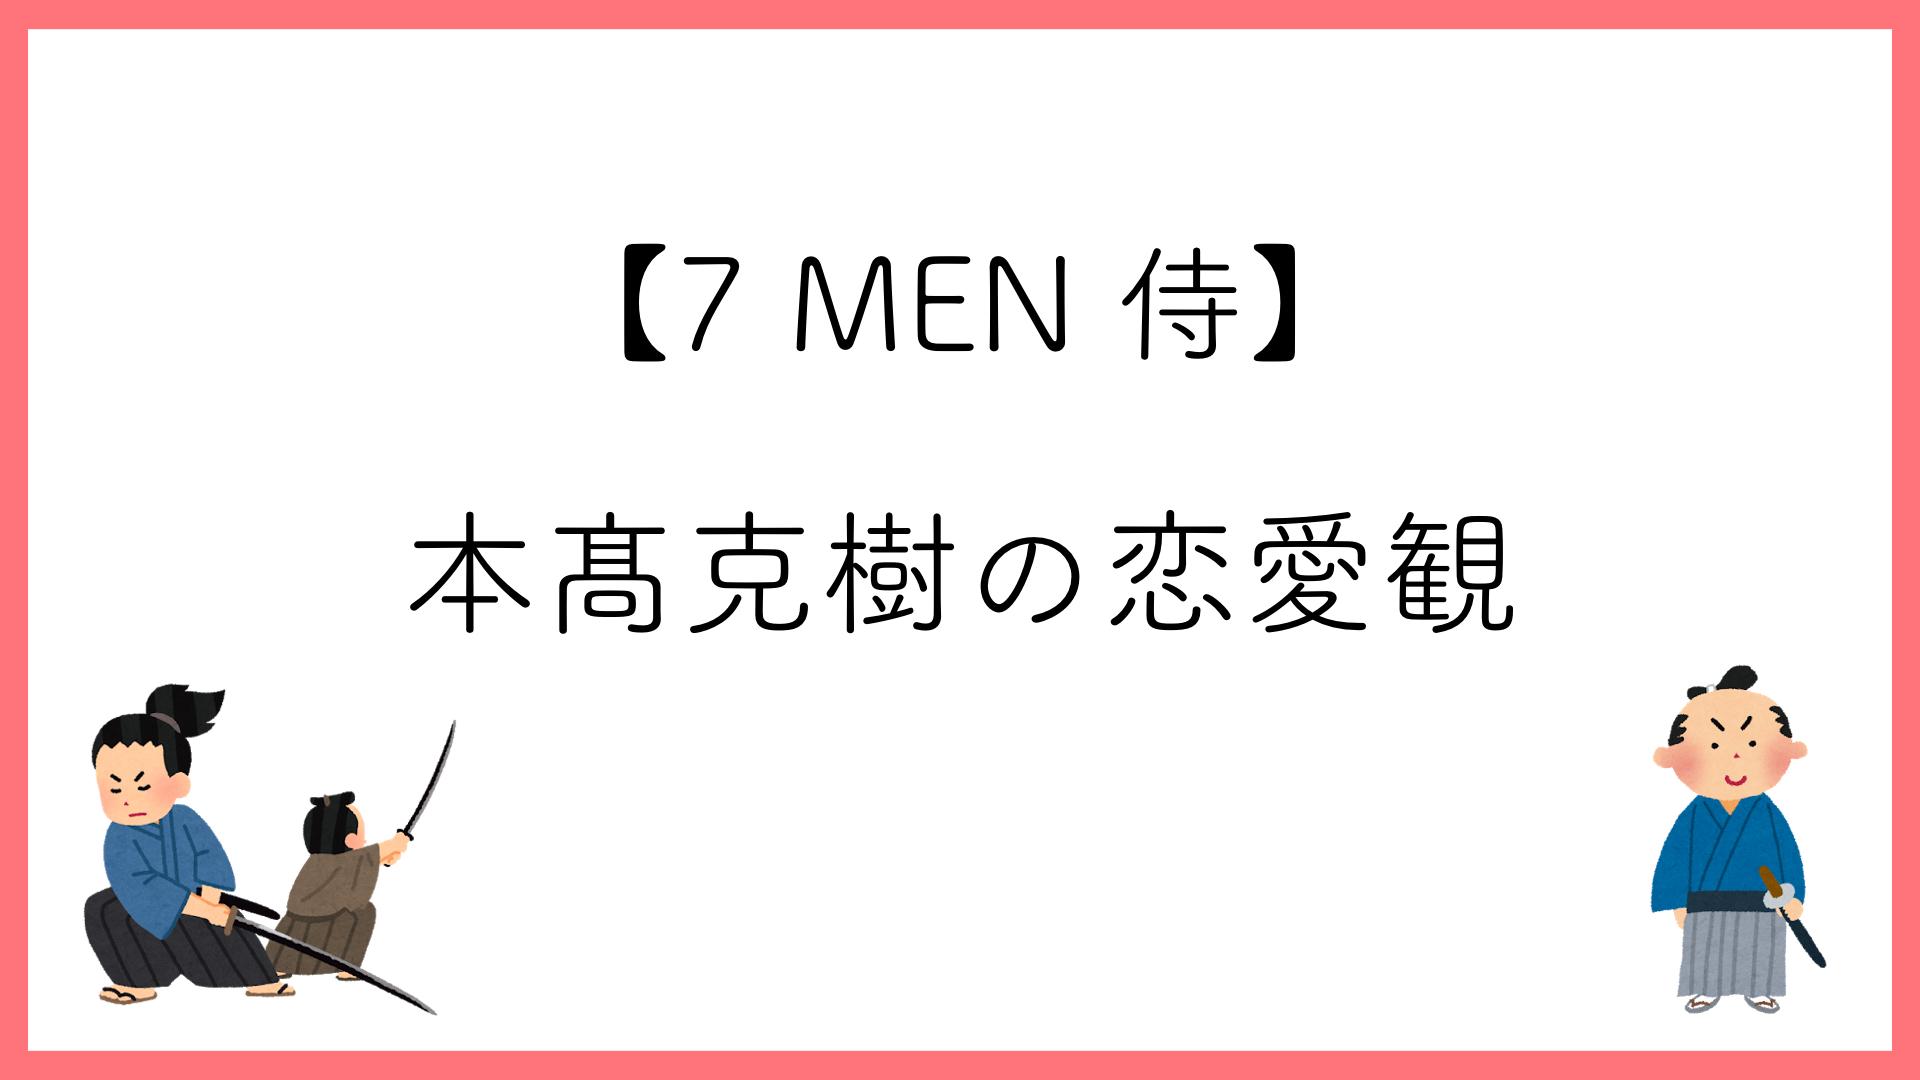 本髙克樹(7 MEN 侍)の恋愛観【好きなタイプ】【好きな髪型】